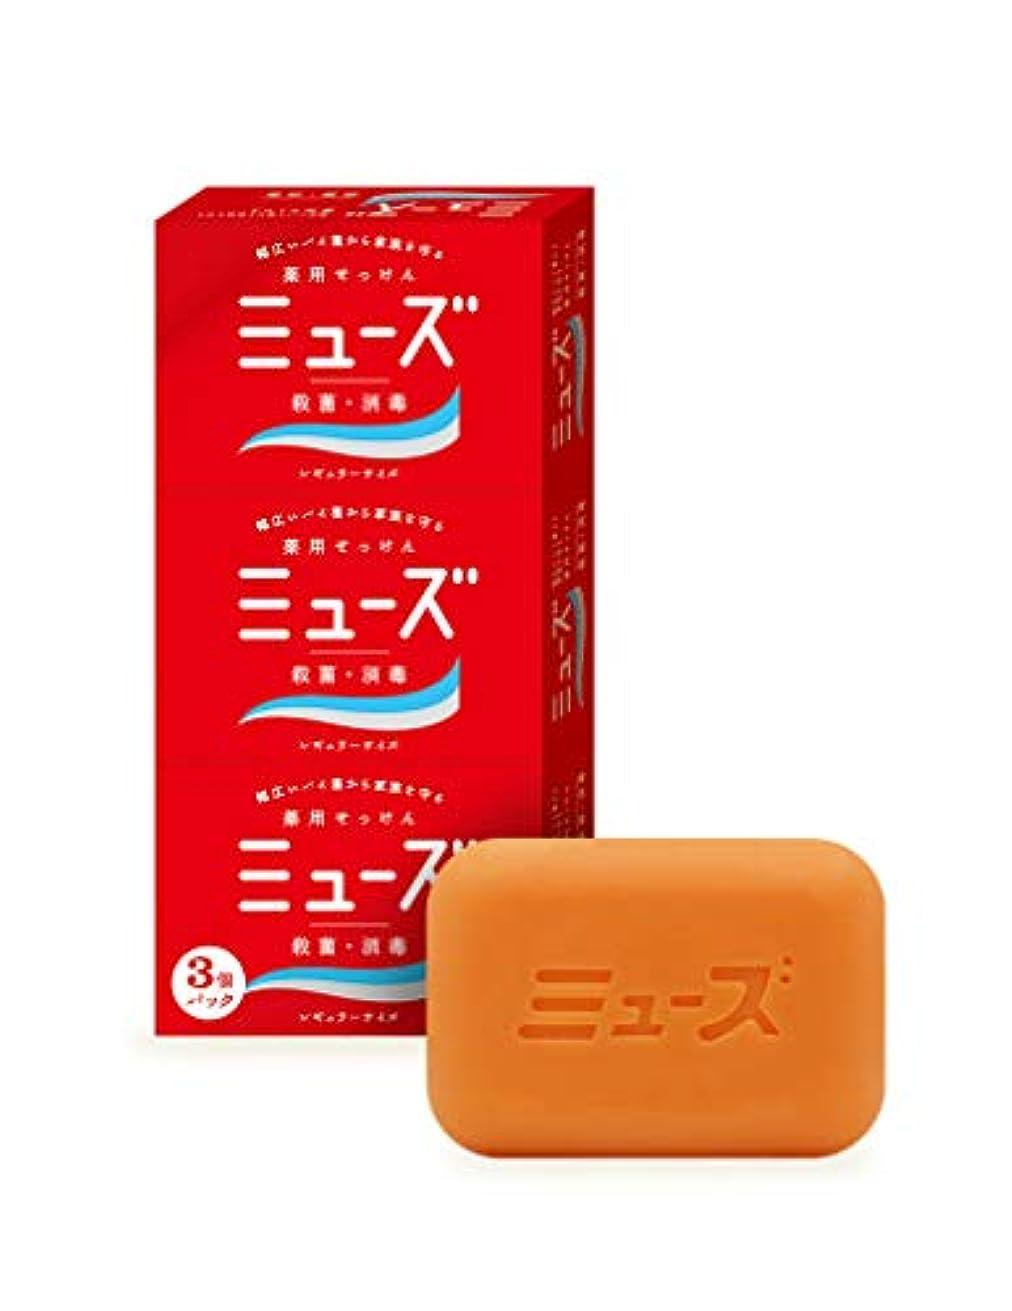 基準強化シニス【医薬部外品】ミューズ石鹸 レギュラー 95g×3個パック